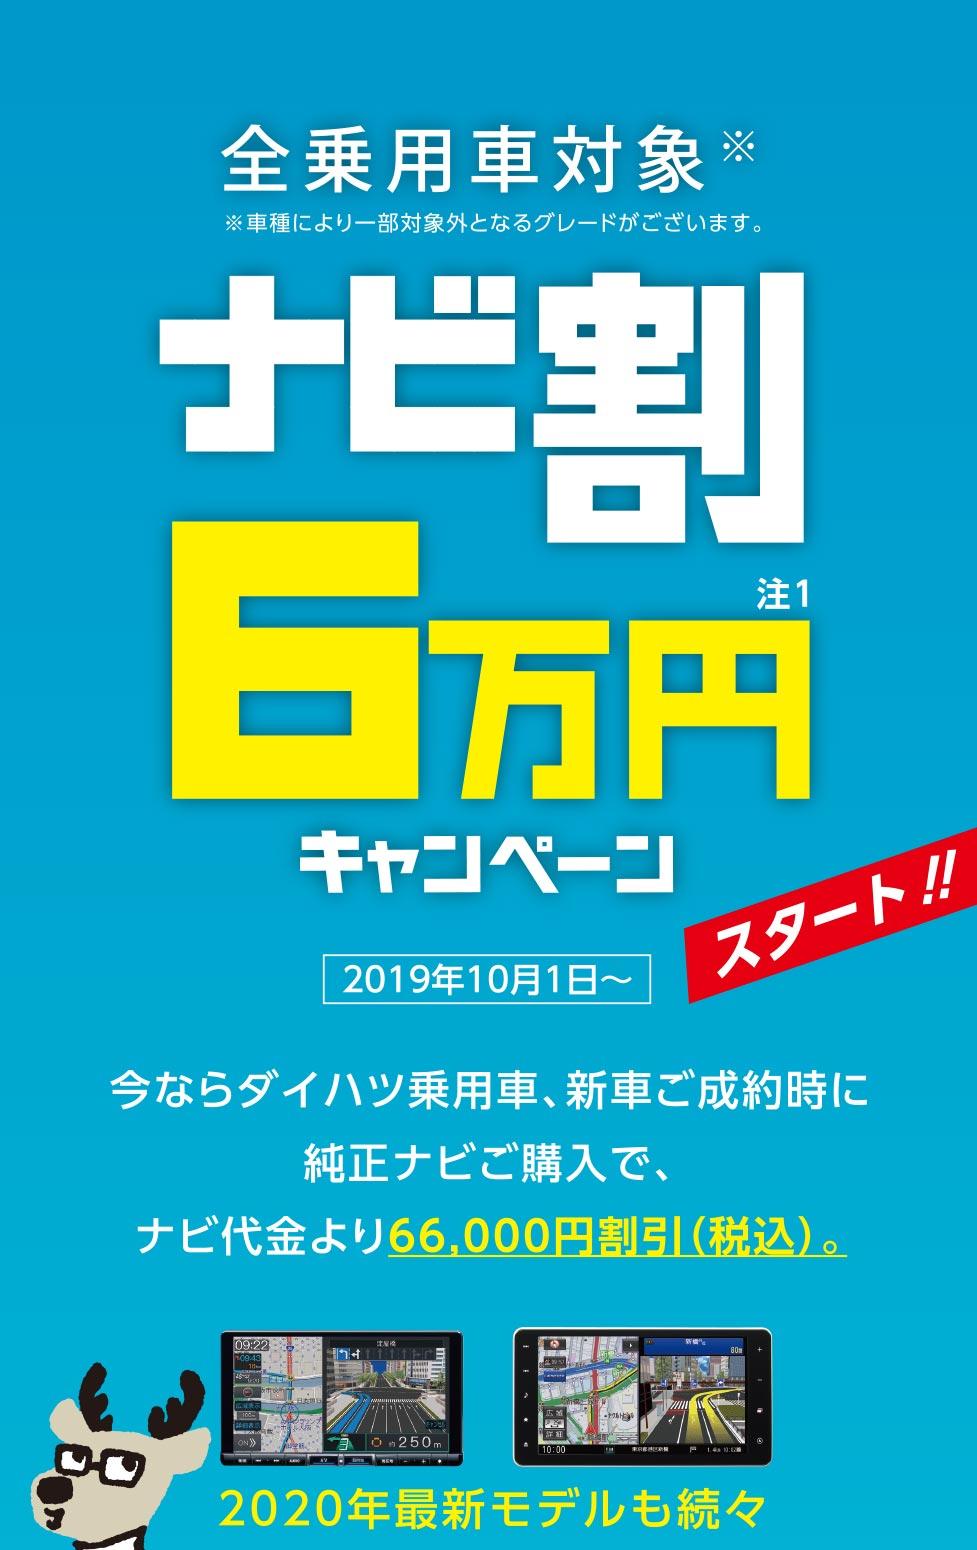 ナビ割6万円キャンペーン スタート!!